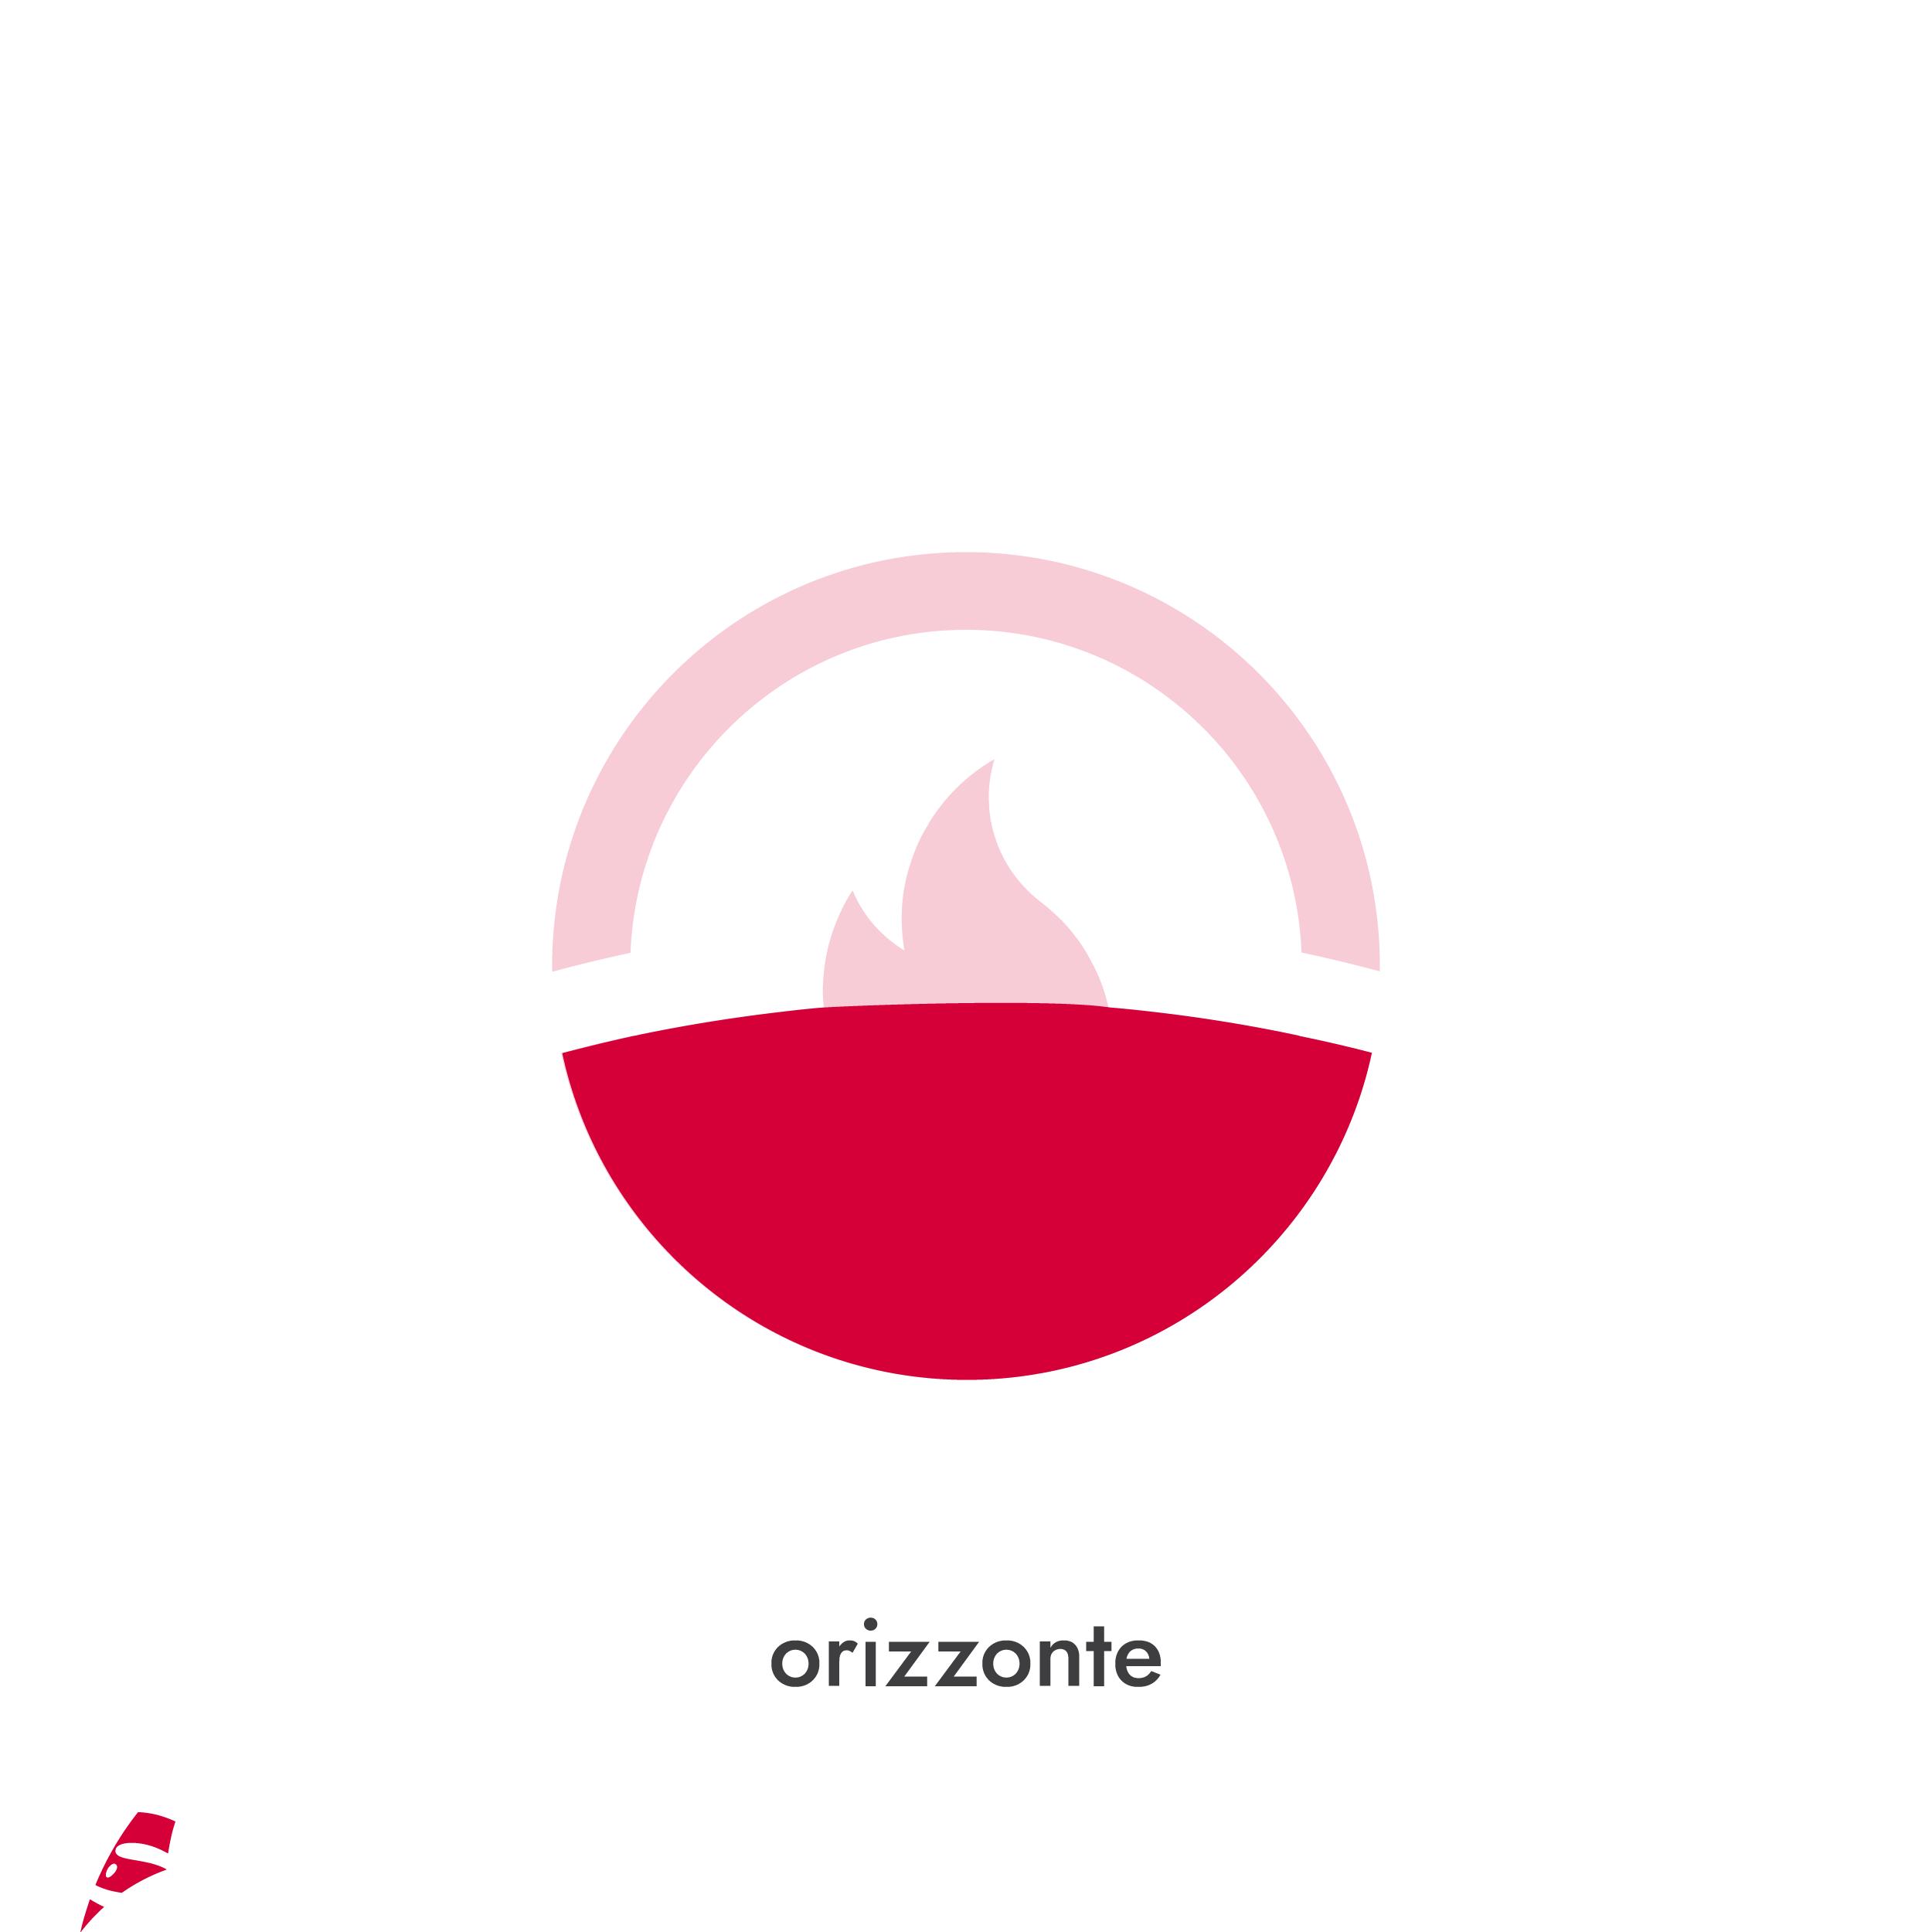 BBQ HORIZON info - stilographico